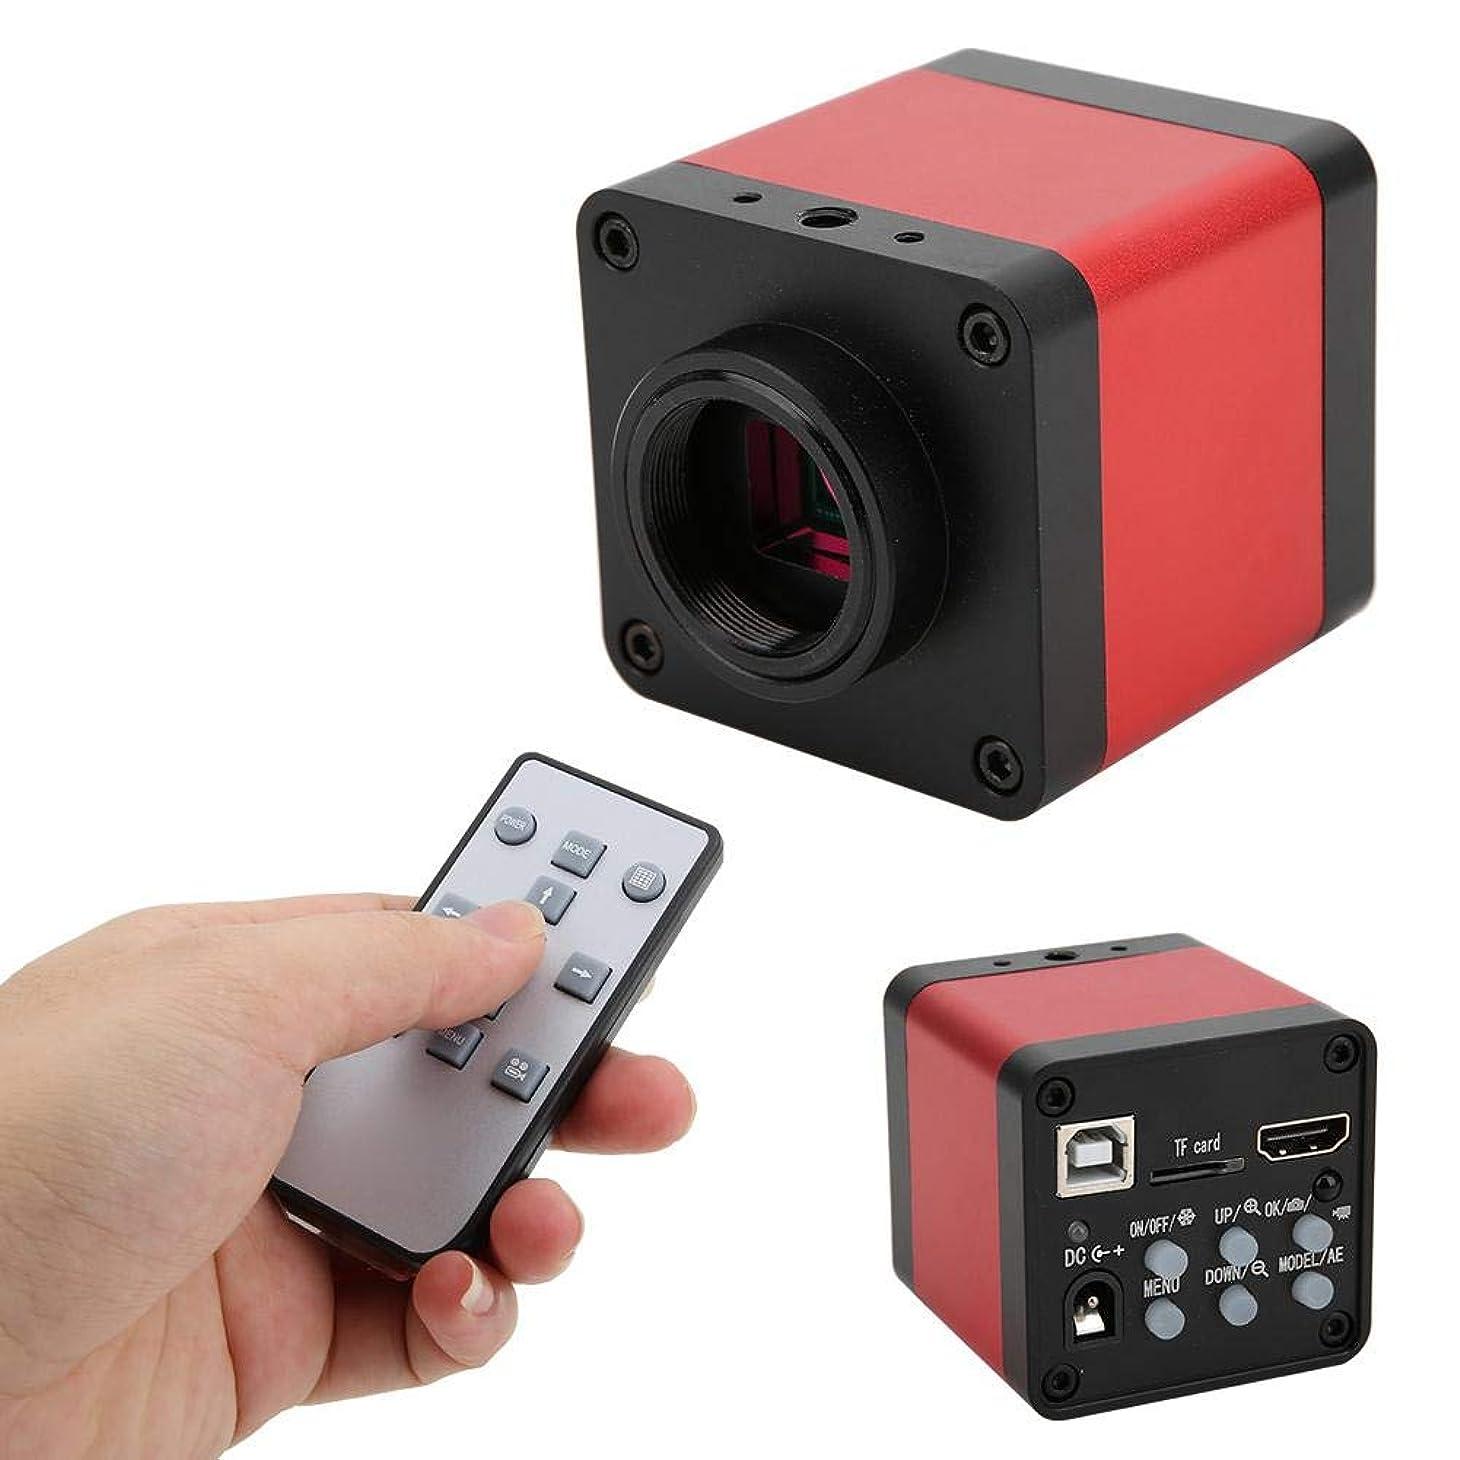 ダウンタウン粗いキャスト耐久性のある48MP顕微鏡カメラ、顕微鏡カメラ、システム溶接電話の修理のためのデジタルズームDC12Vサポート(100-240V, U.S. standard)